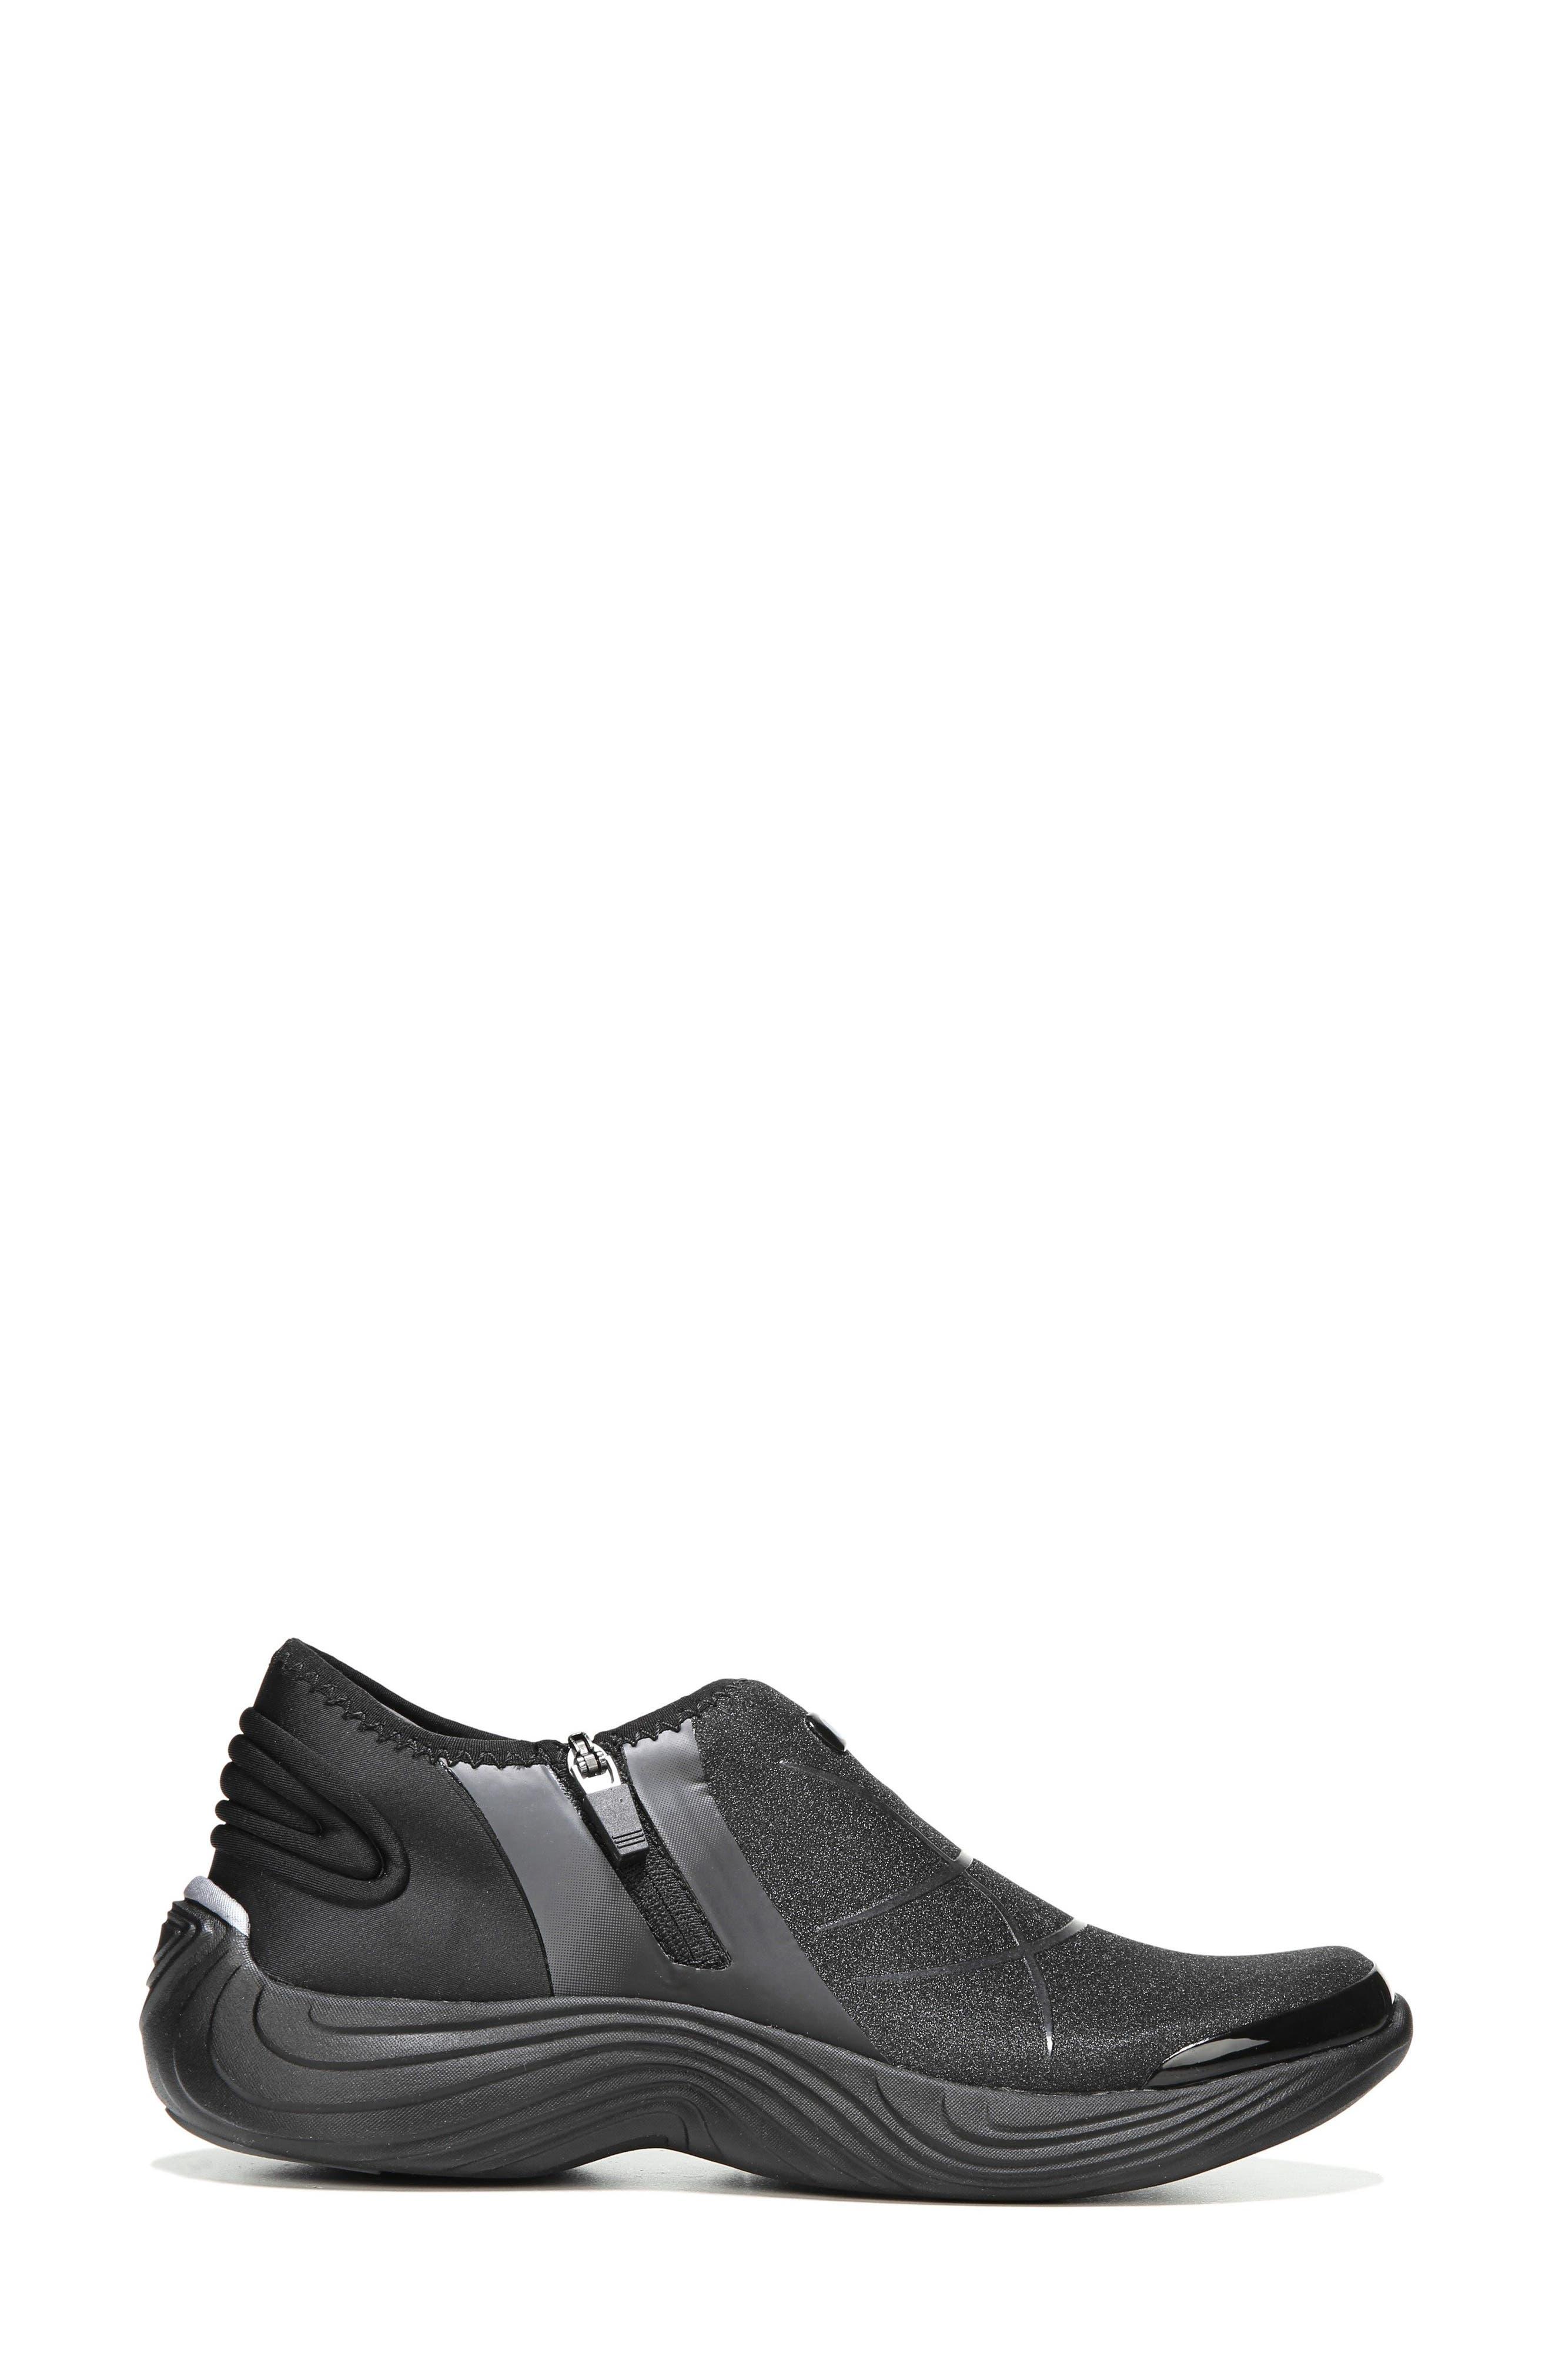 Alternate Image 3  - BZees Trilogy Slip-On Sneaker (Women)